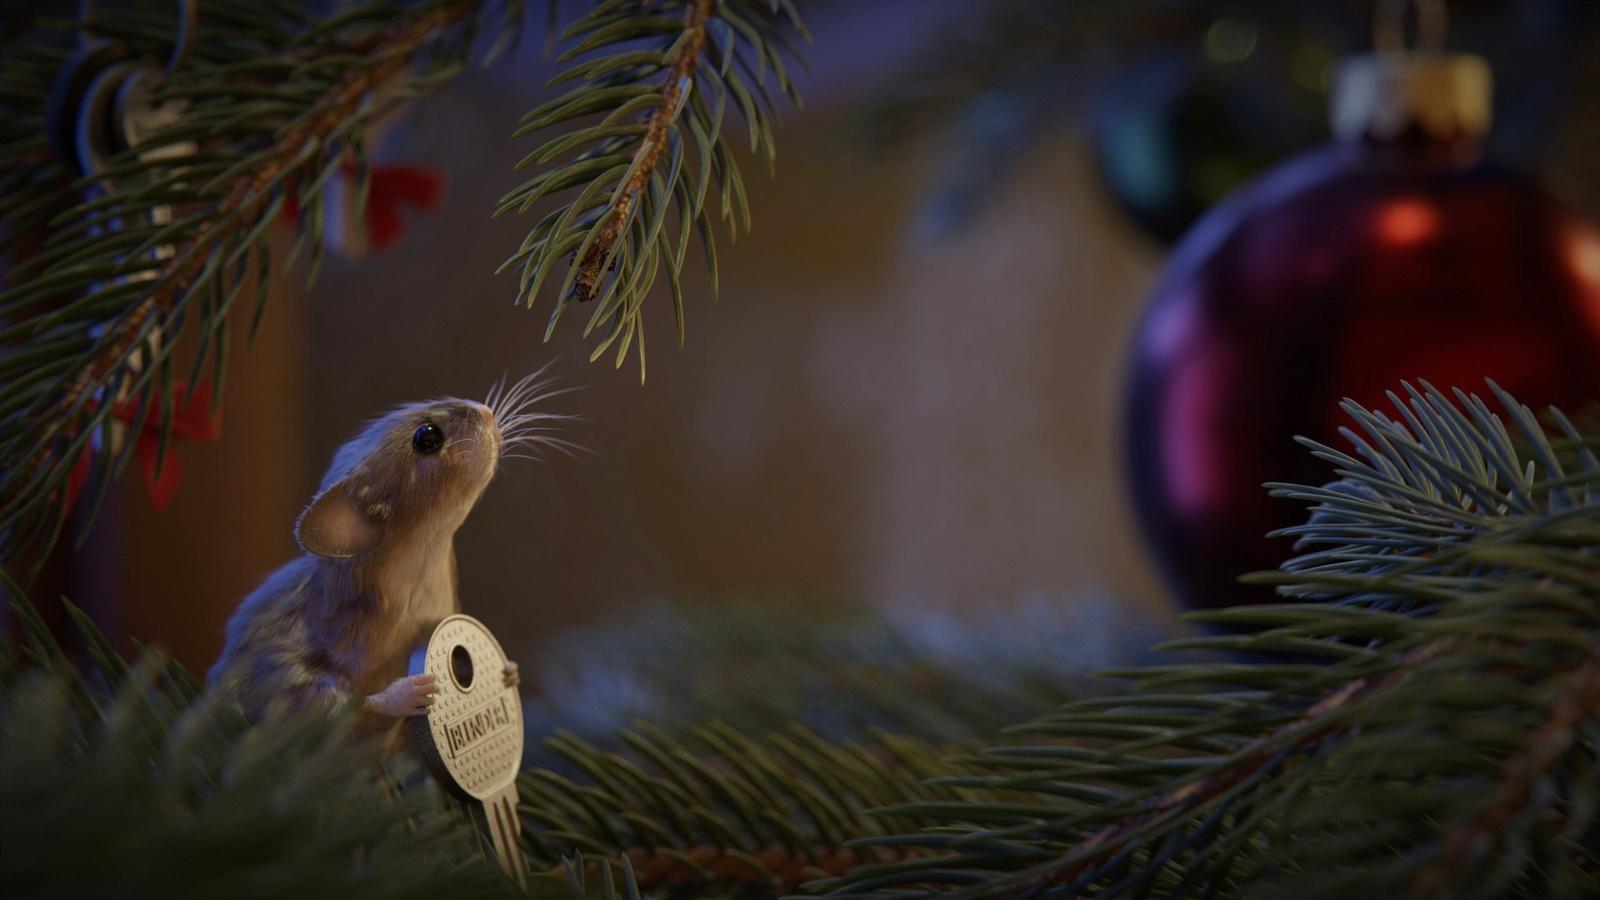 праздник, новый год, ветки, хвоя, ель, шар, животное, зверёк, грызун, мышь, ключ, символ года, 2020 год